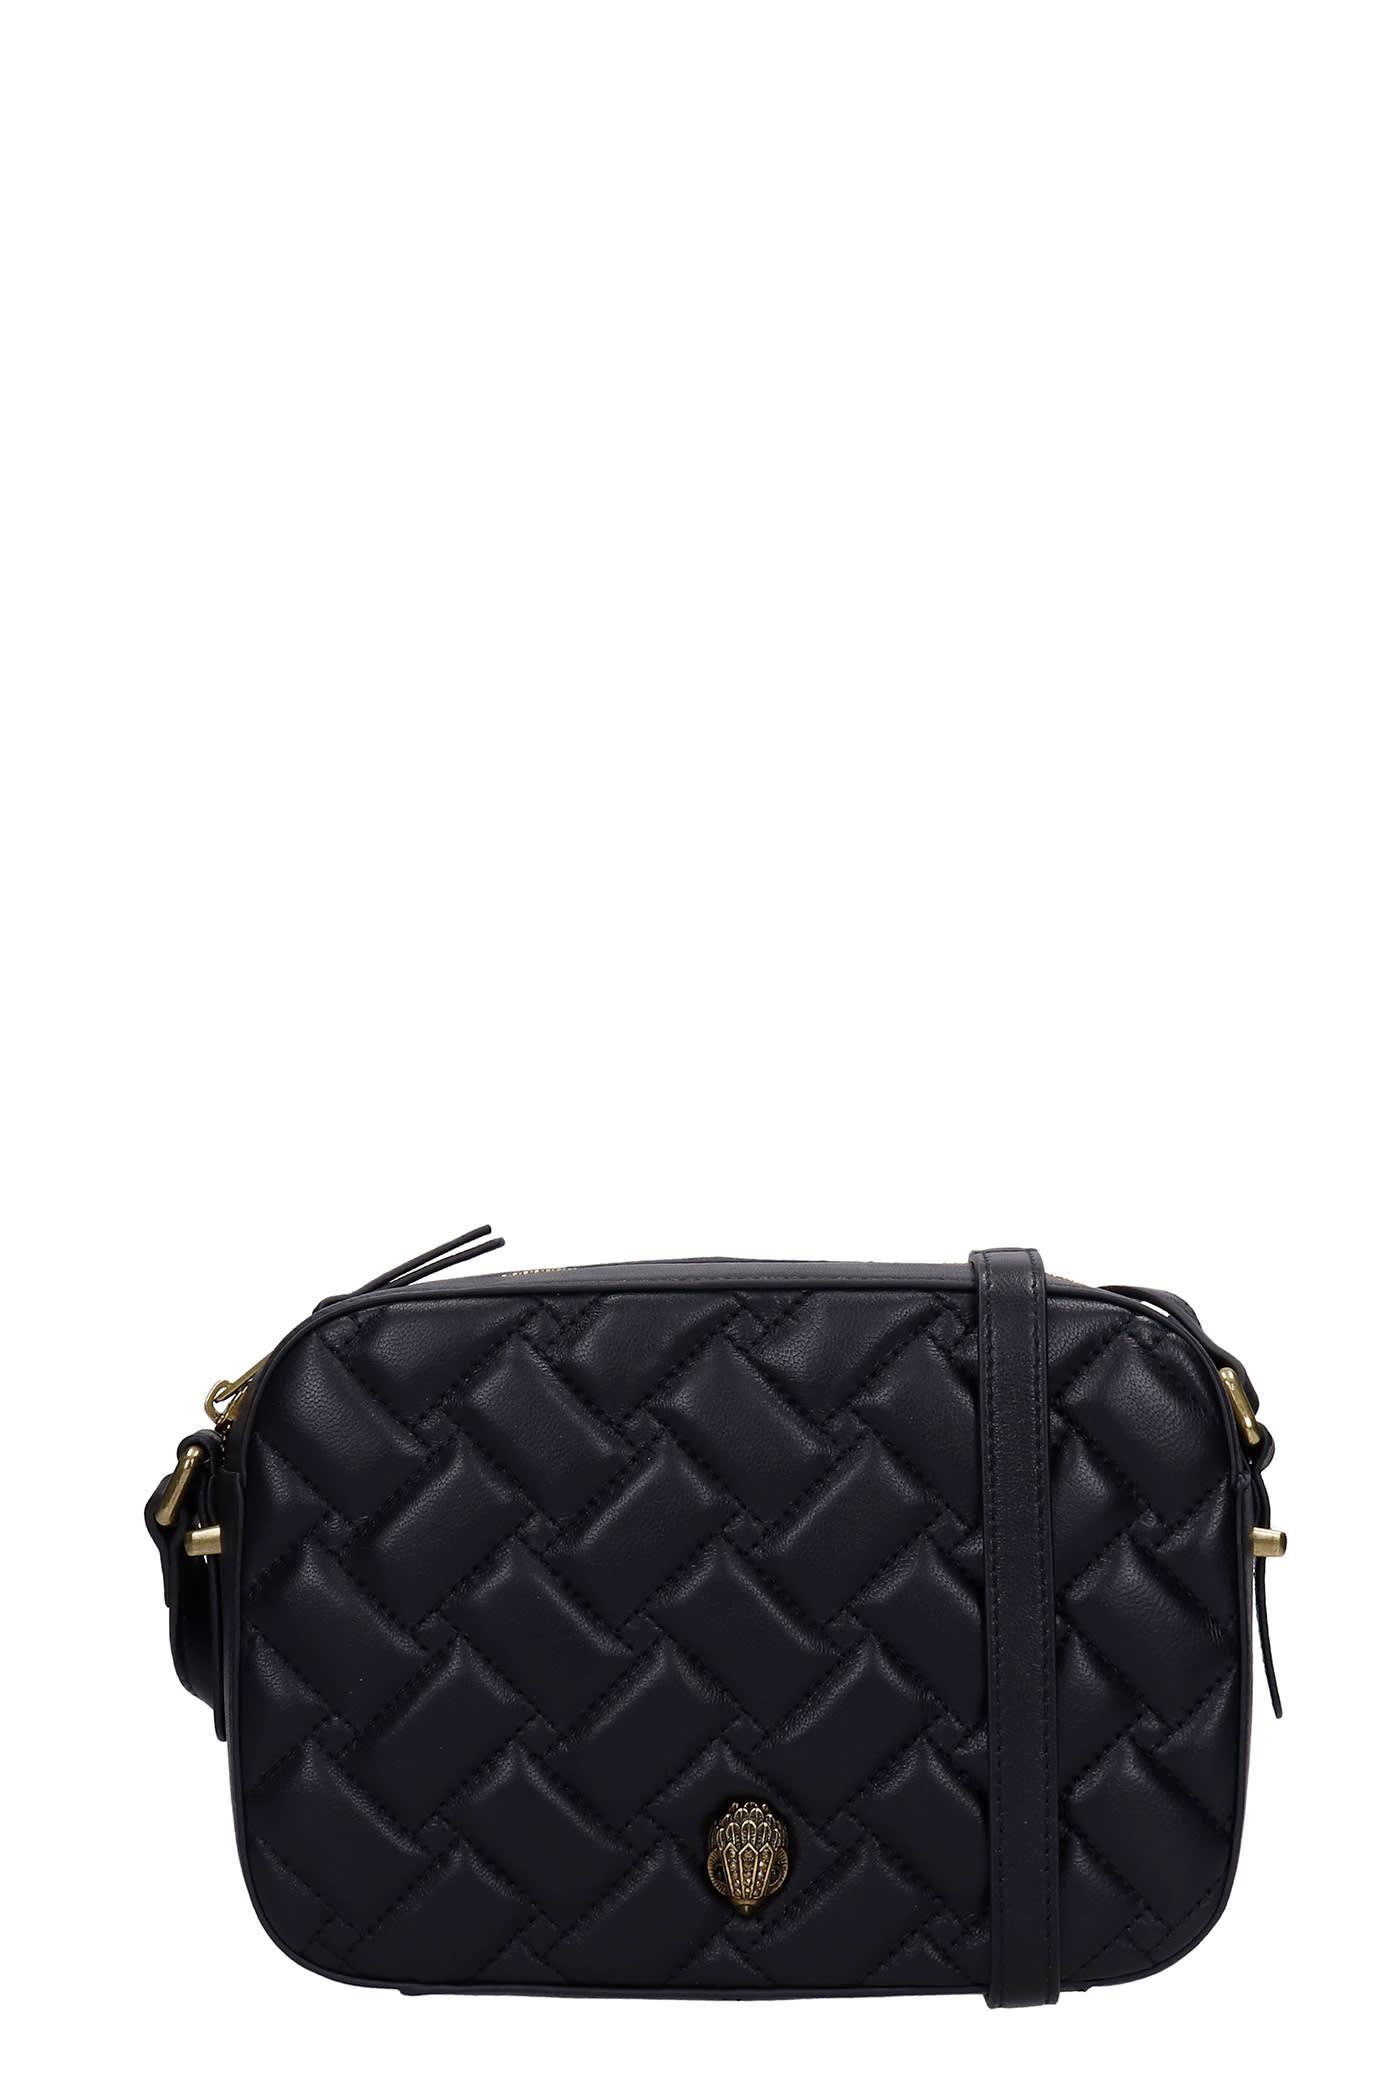 Kensington Shoulder Bag In Black Leather